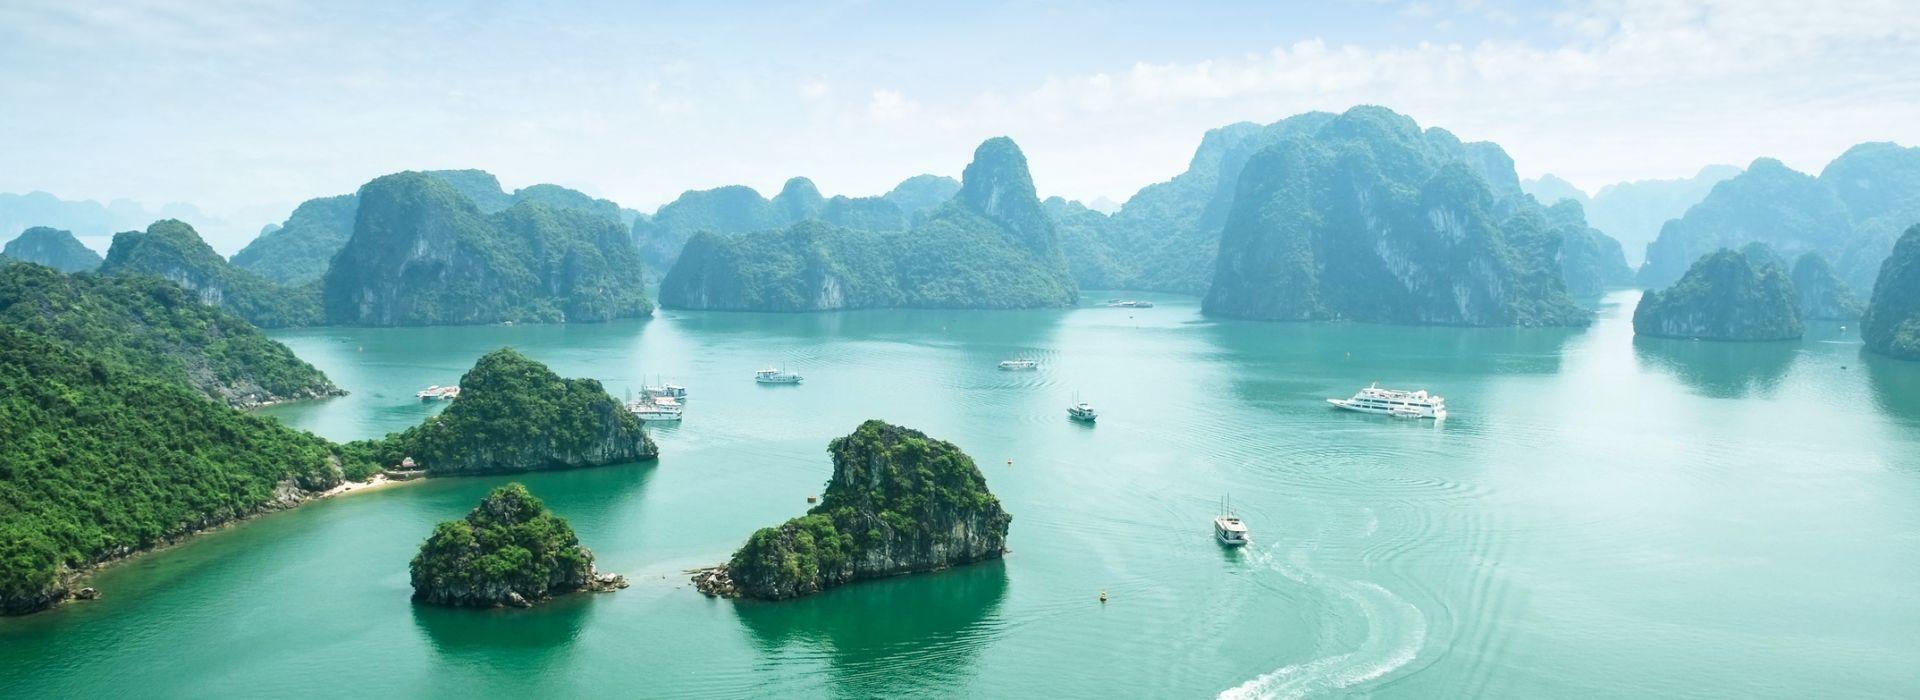 Explorer Tours in Vietnam